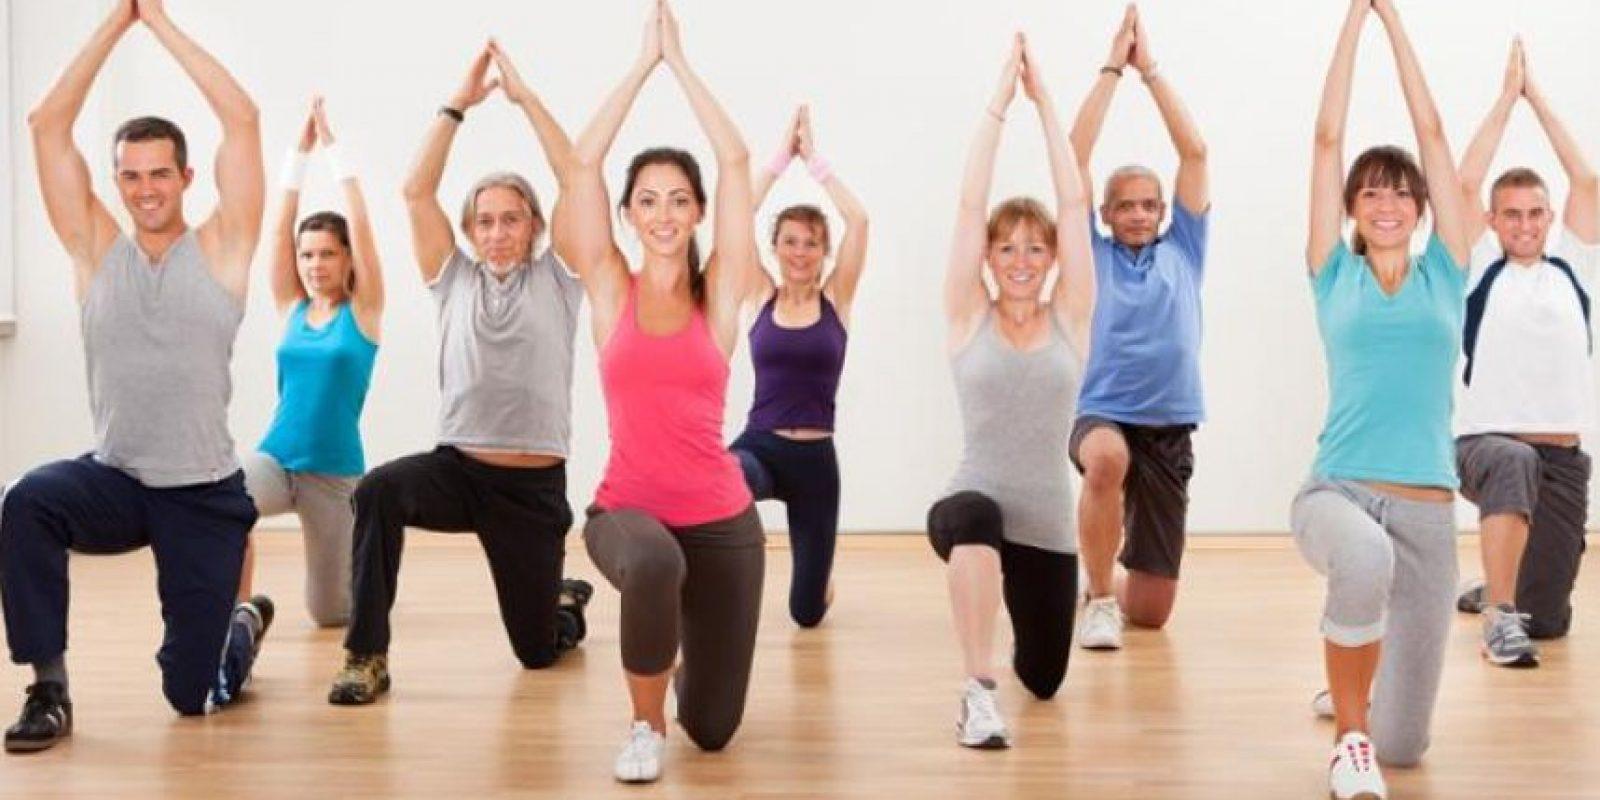 Los ejercicios son necesarios para llevar una vida fit Foto:Fuente Externa